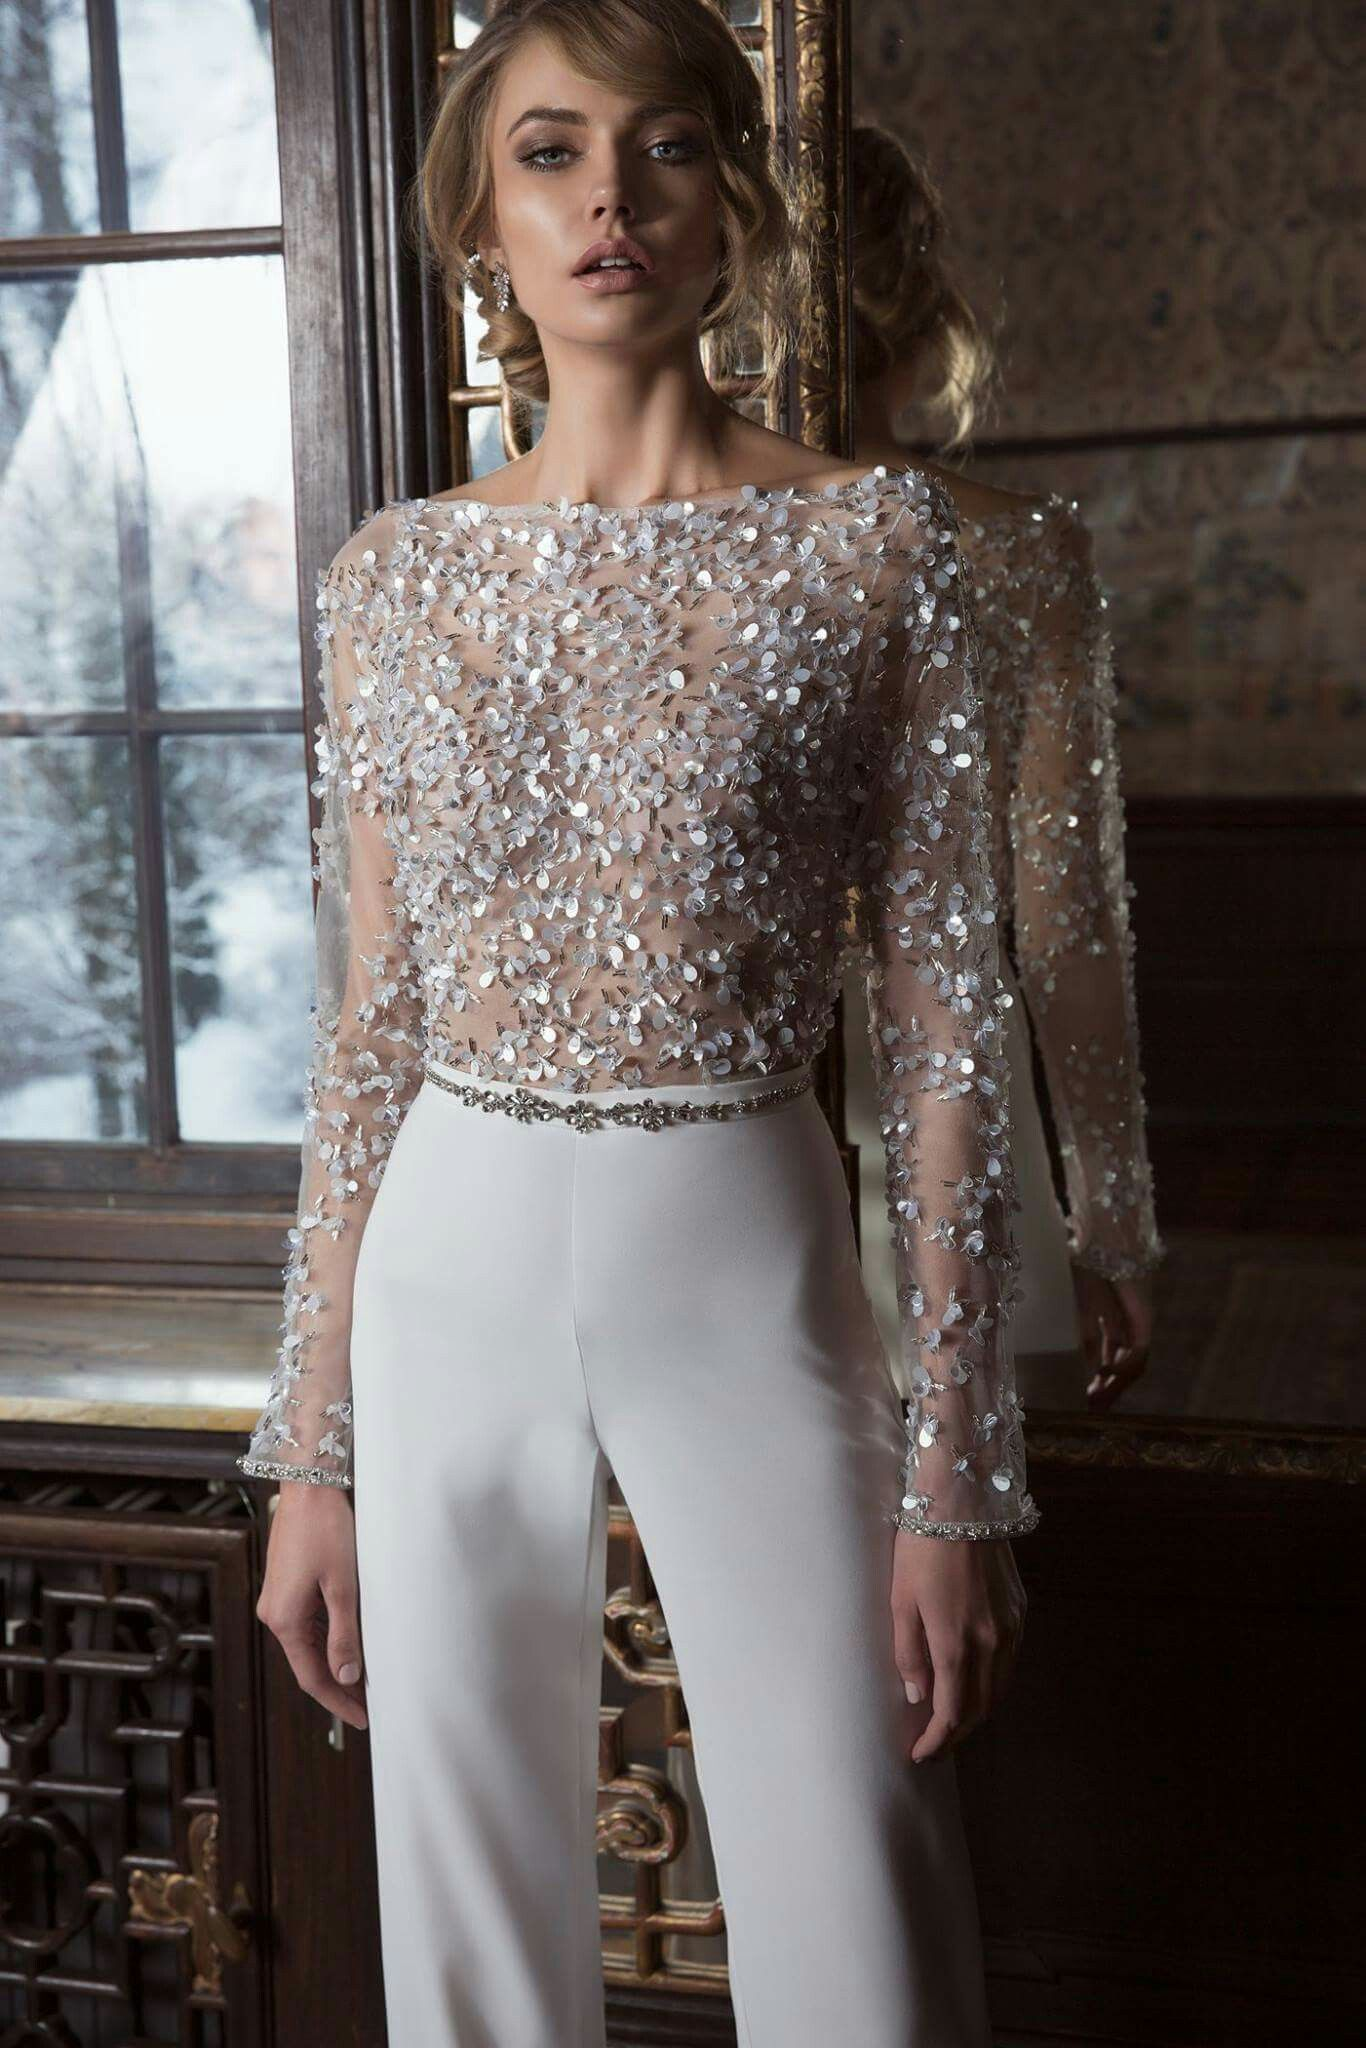 bd87055c73c Dror Geva Wedding Guest Outfit Inspiration